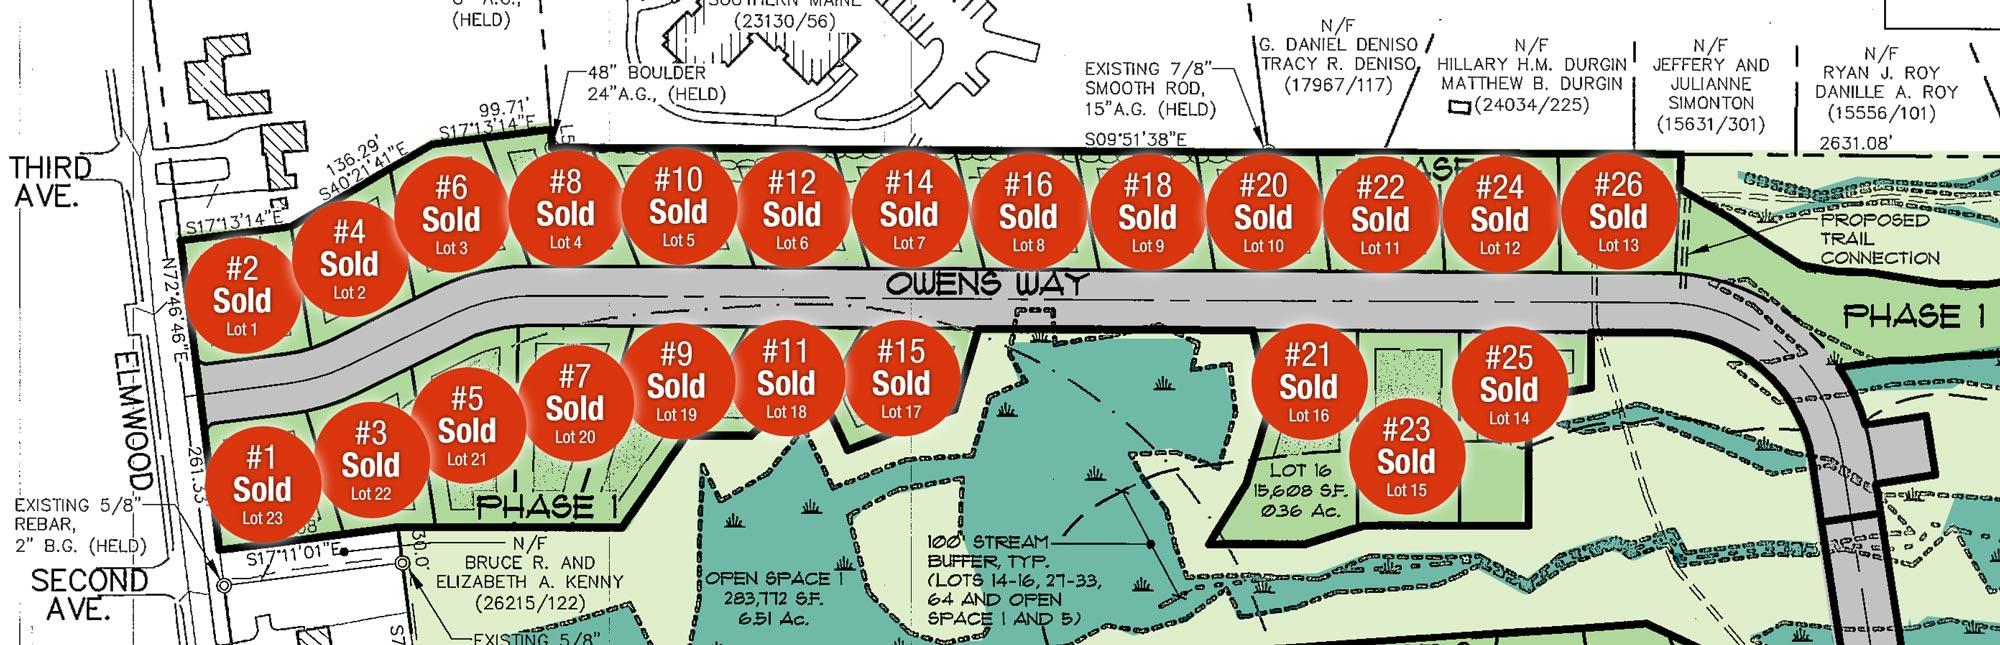 Leighton Farm - Phase 1 Map